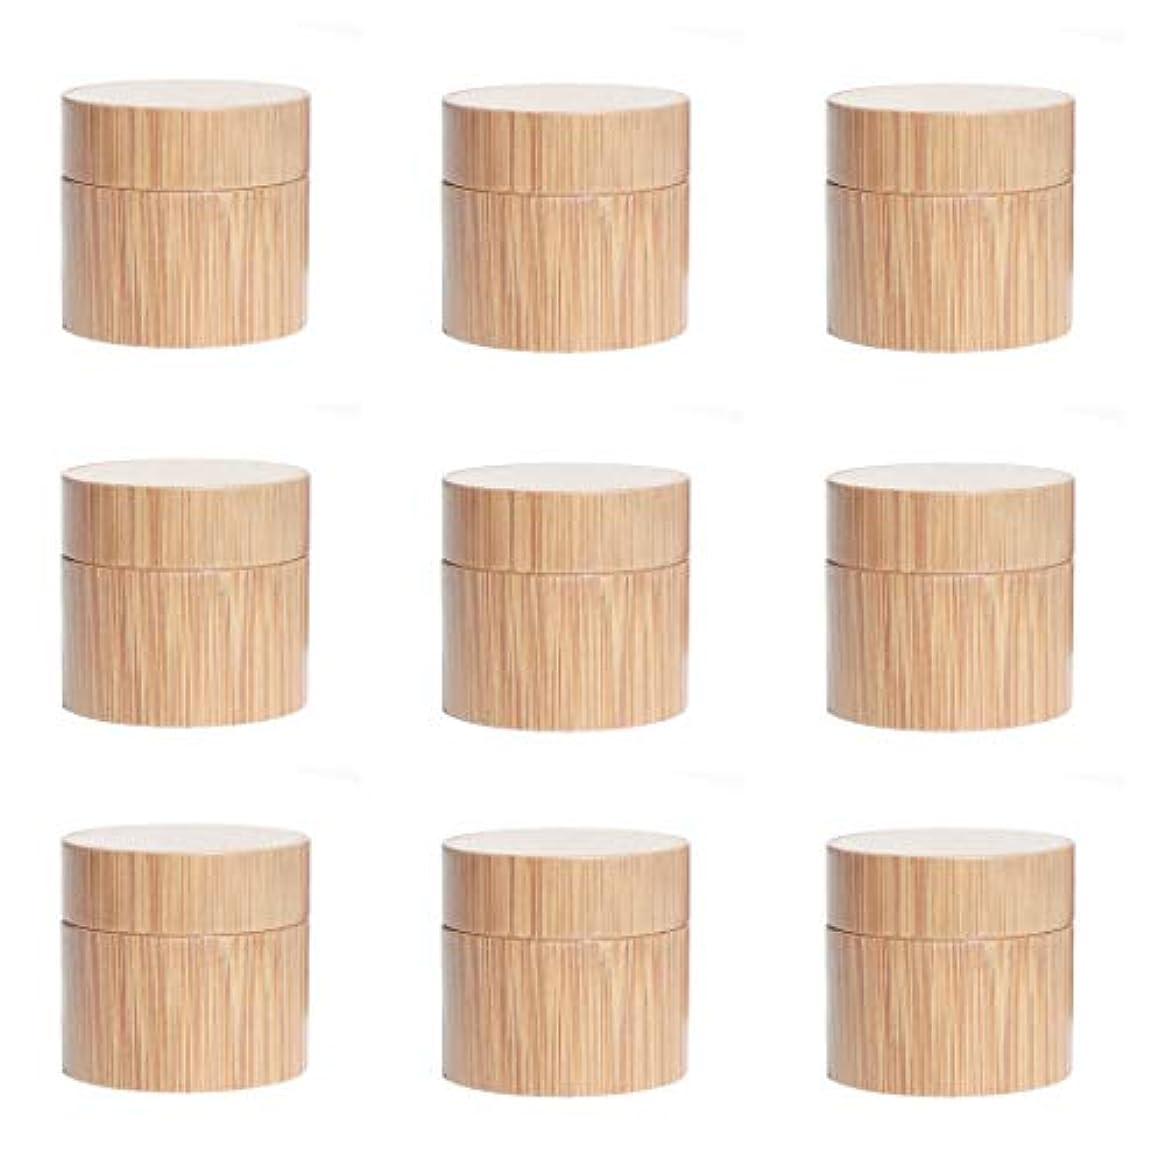 安価なカウンターパート湿ったYiteng スポイト遮光瓶 アロマオイル 精油 香水やアロマの保存 遮光瓶 小分け用 保存 詰替え 竹製 9本セット (5g)